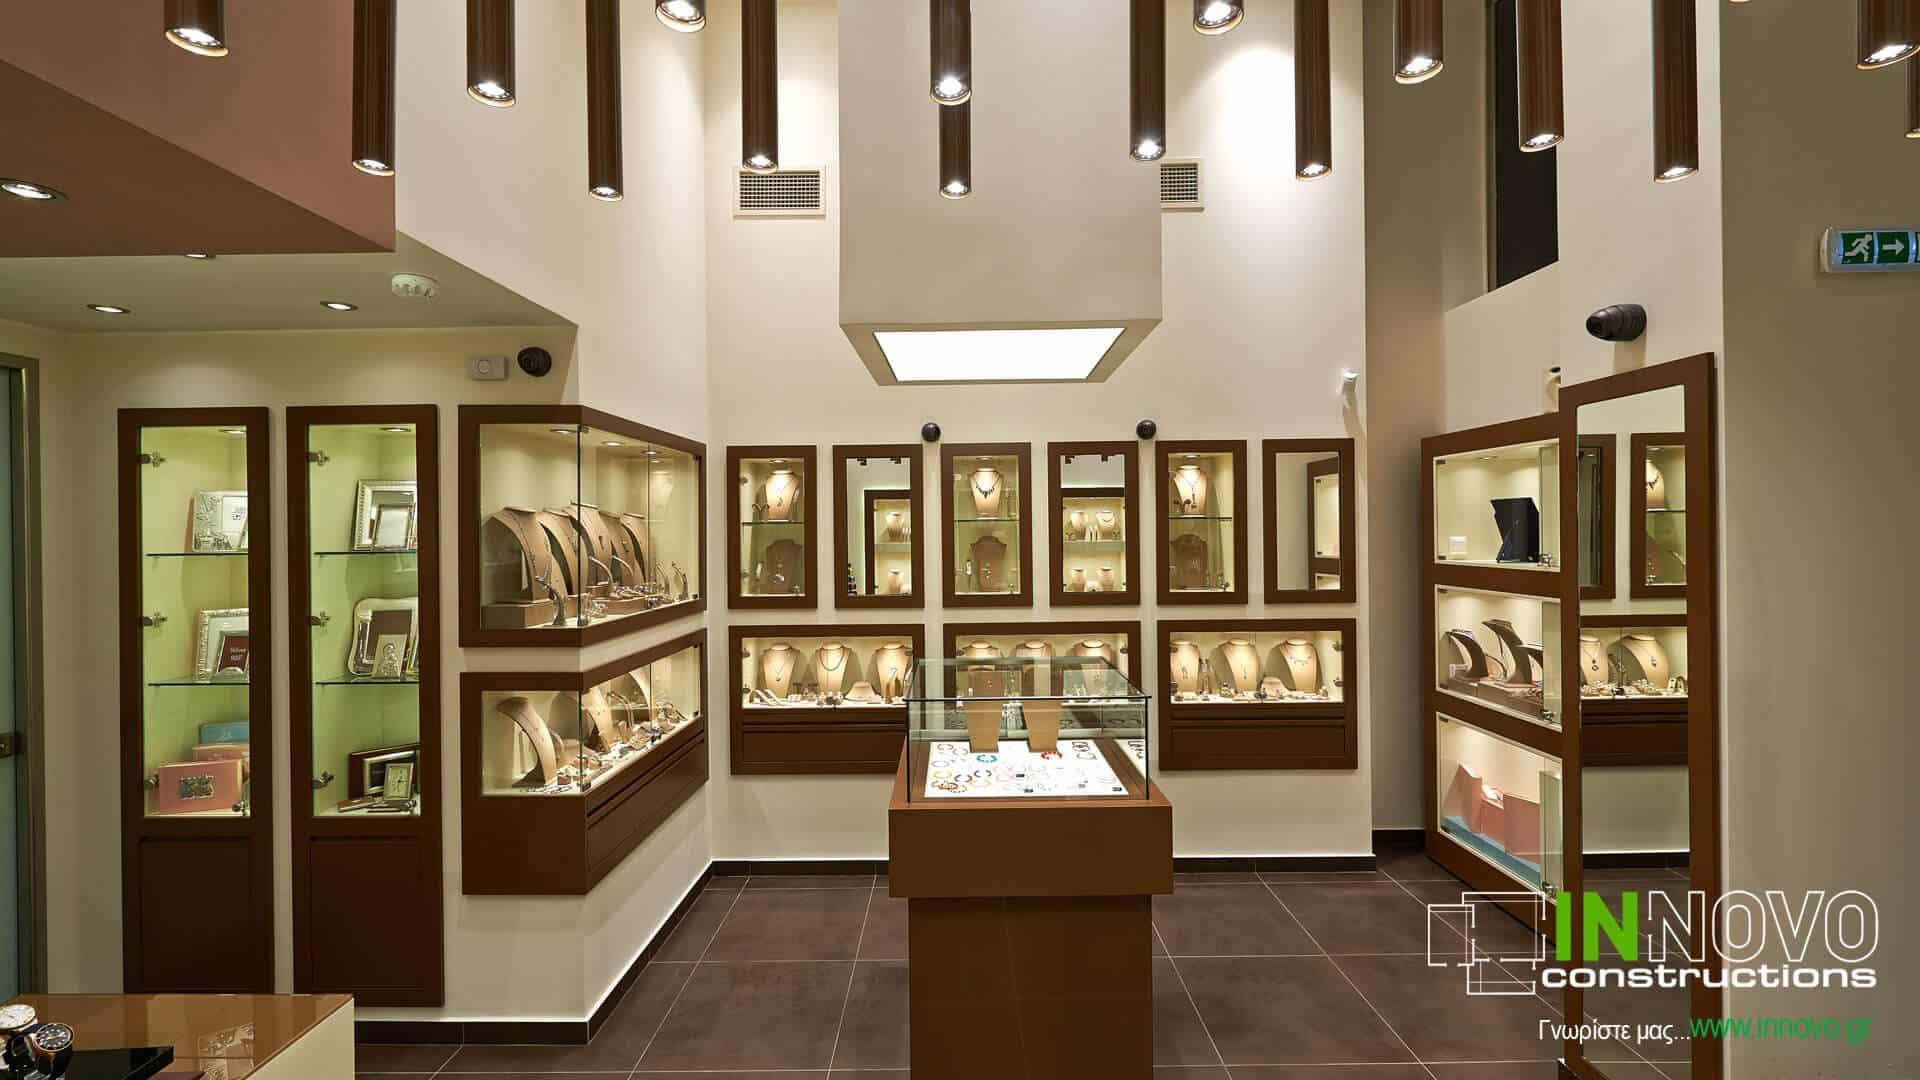 kataskevi-kosmimatopoleiou-jewelry-construction-kosmimatopoleio-neos-kosmos-1429-12